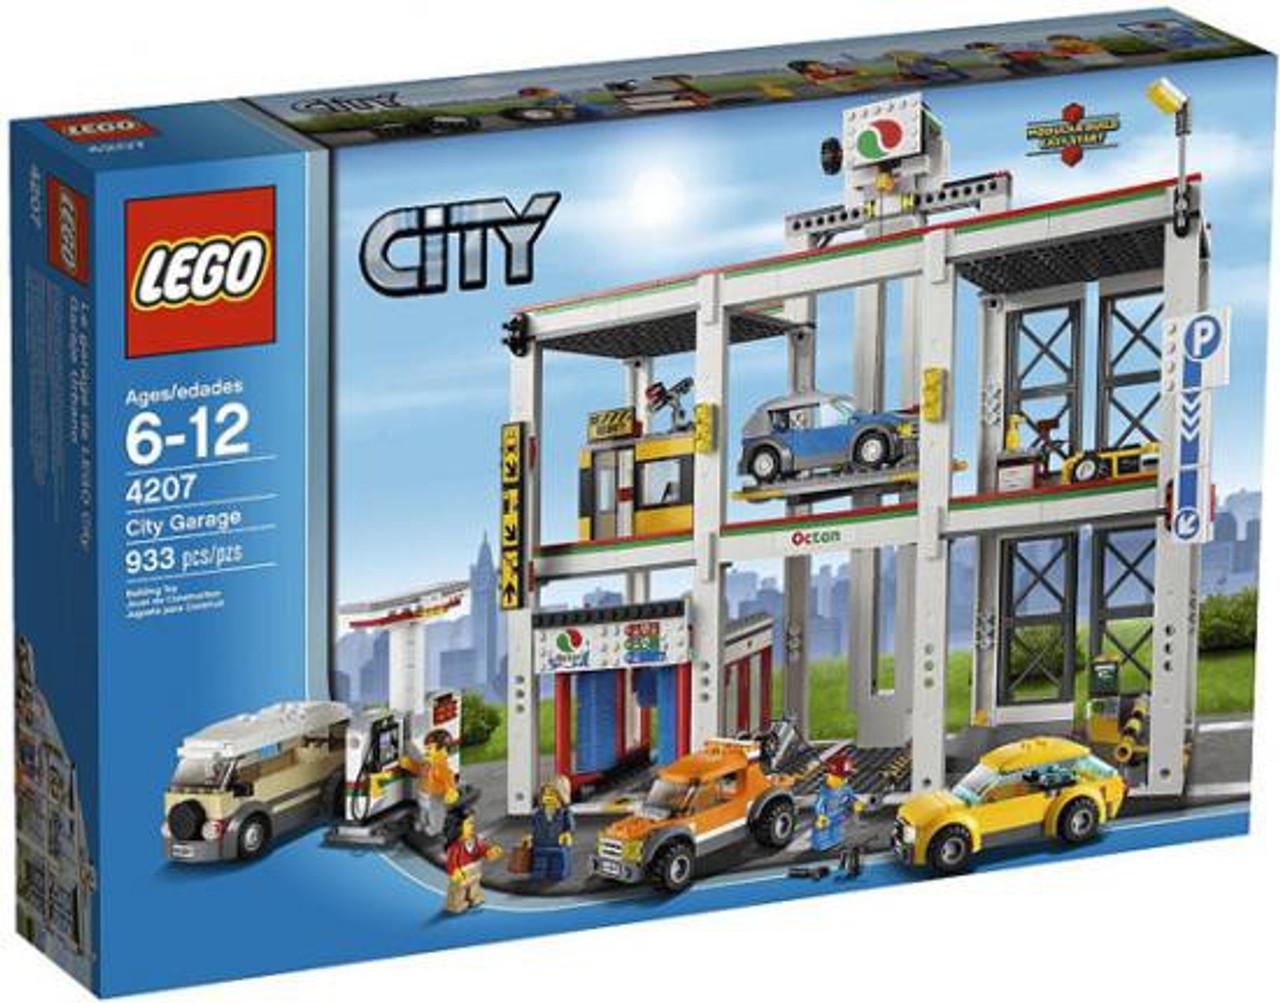 Lego City Garage : Lego city city garage set toywiz